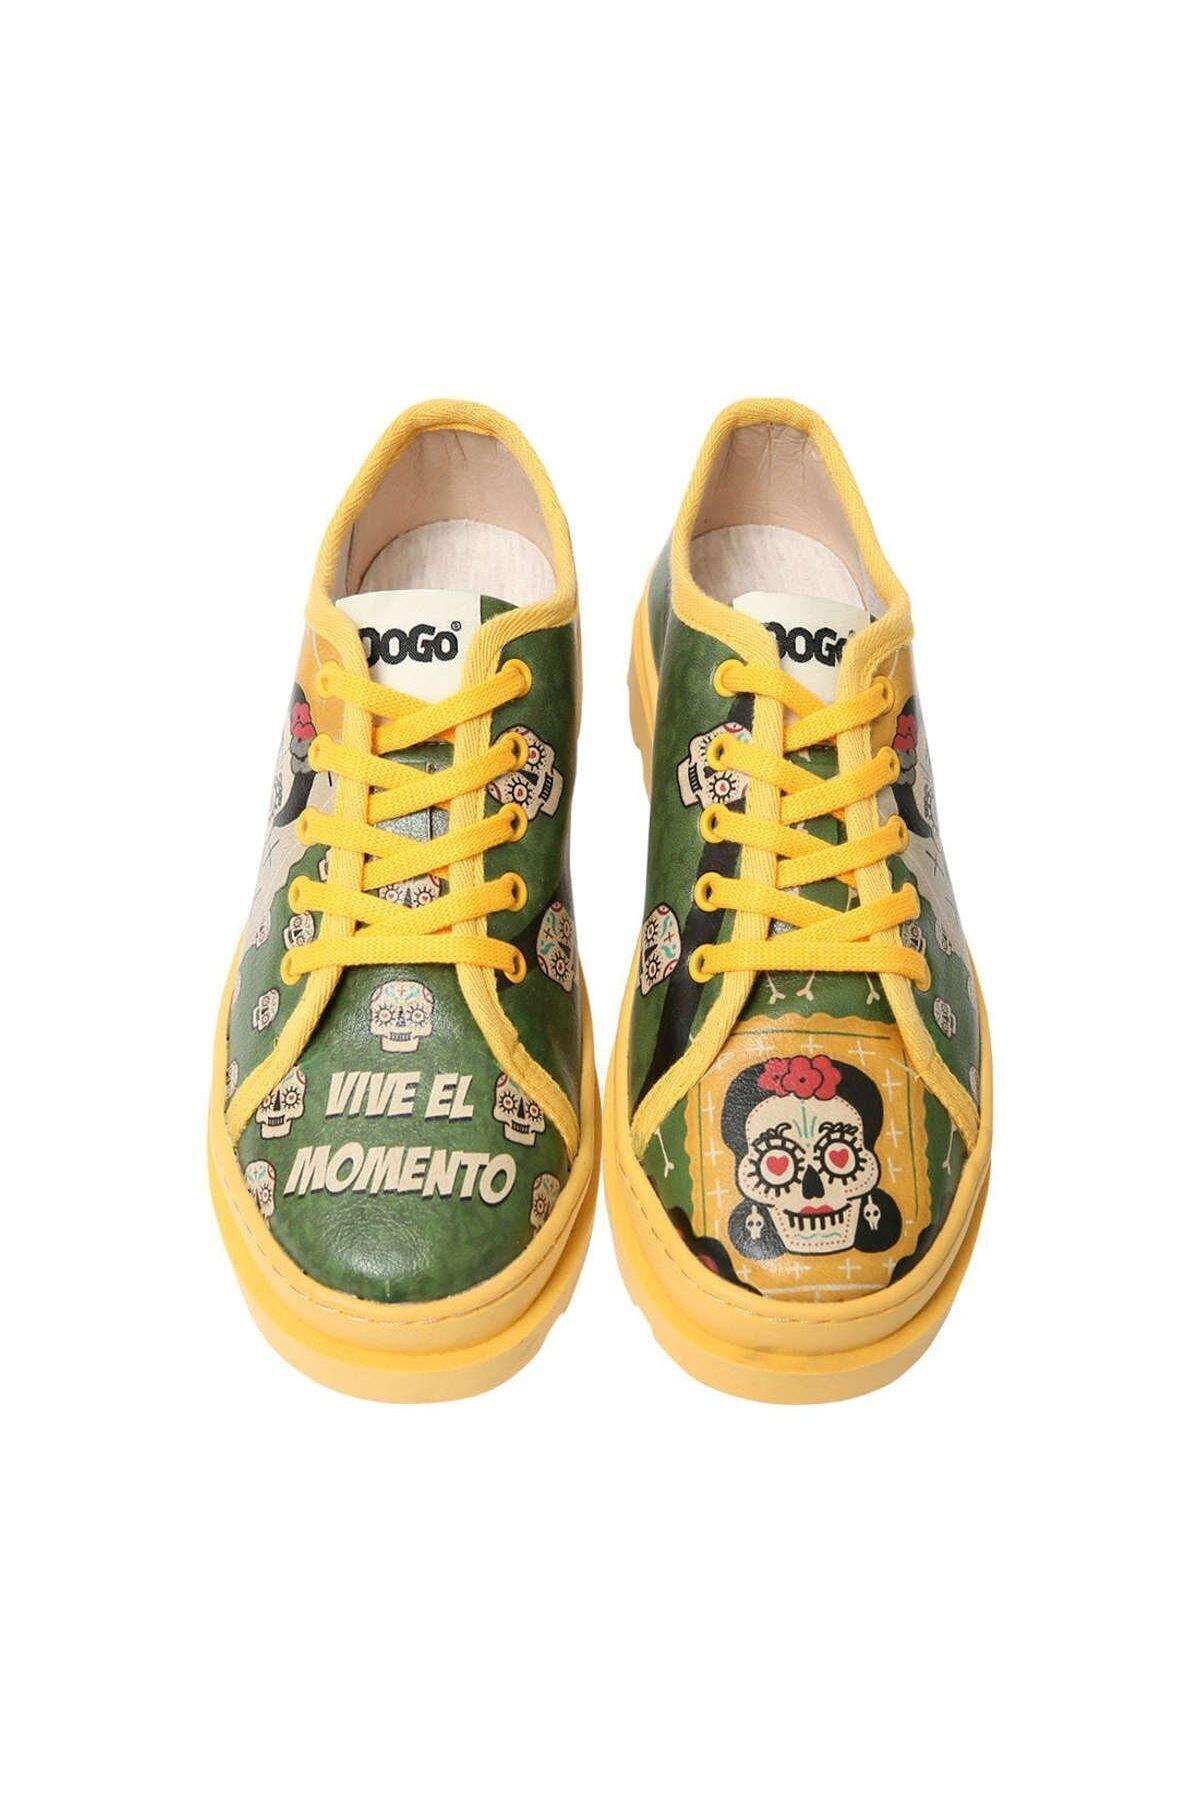 Dogo Kadın Ayakkabı 2